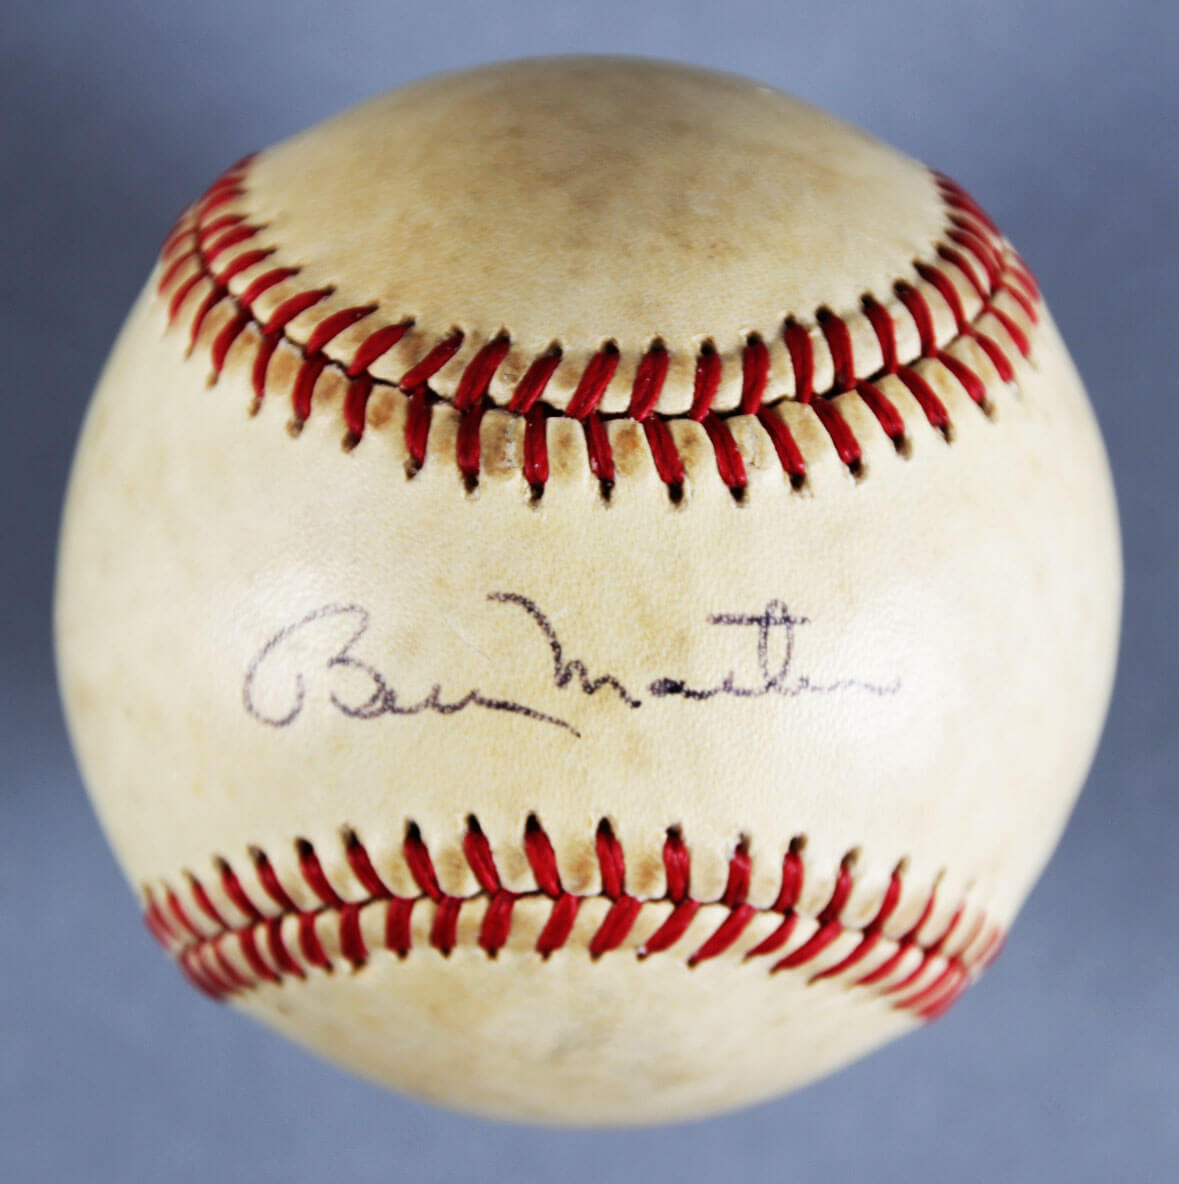 Billy Martin New York Yankees Signed ONL (Feeney) Baseball - JSA Full LOA